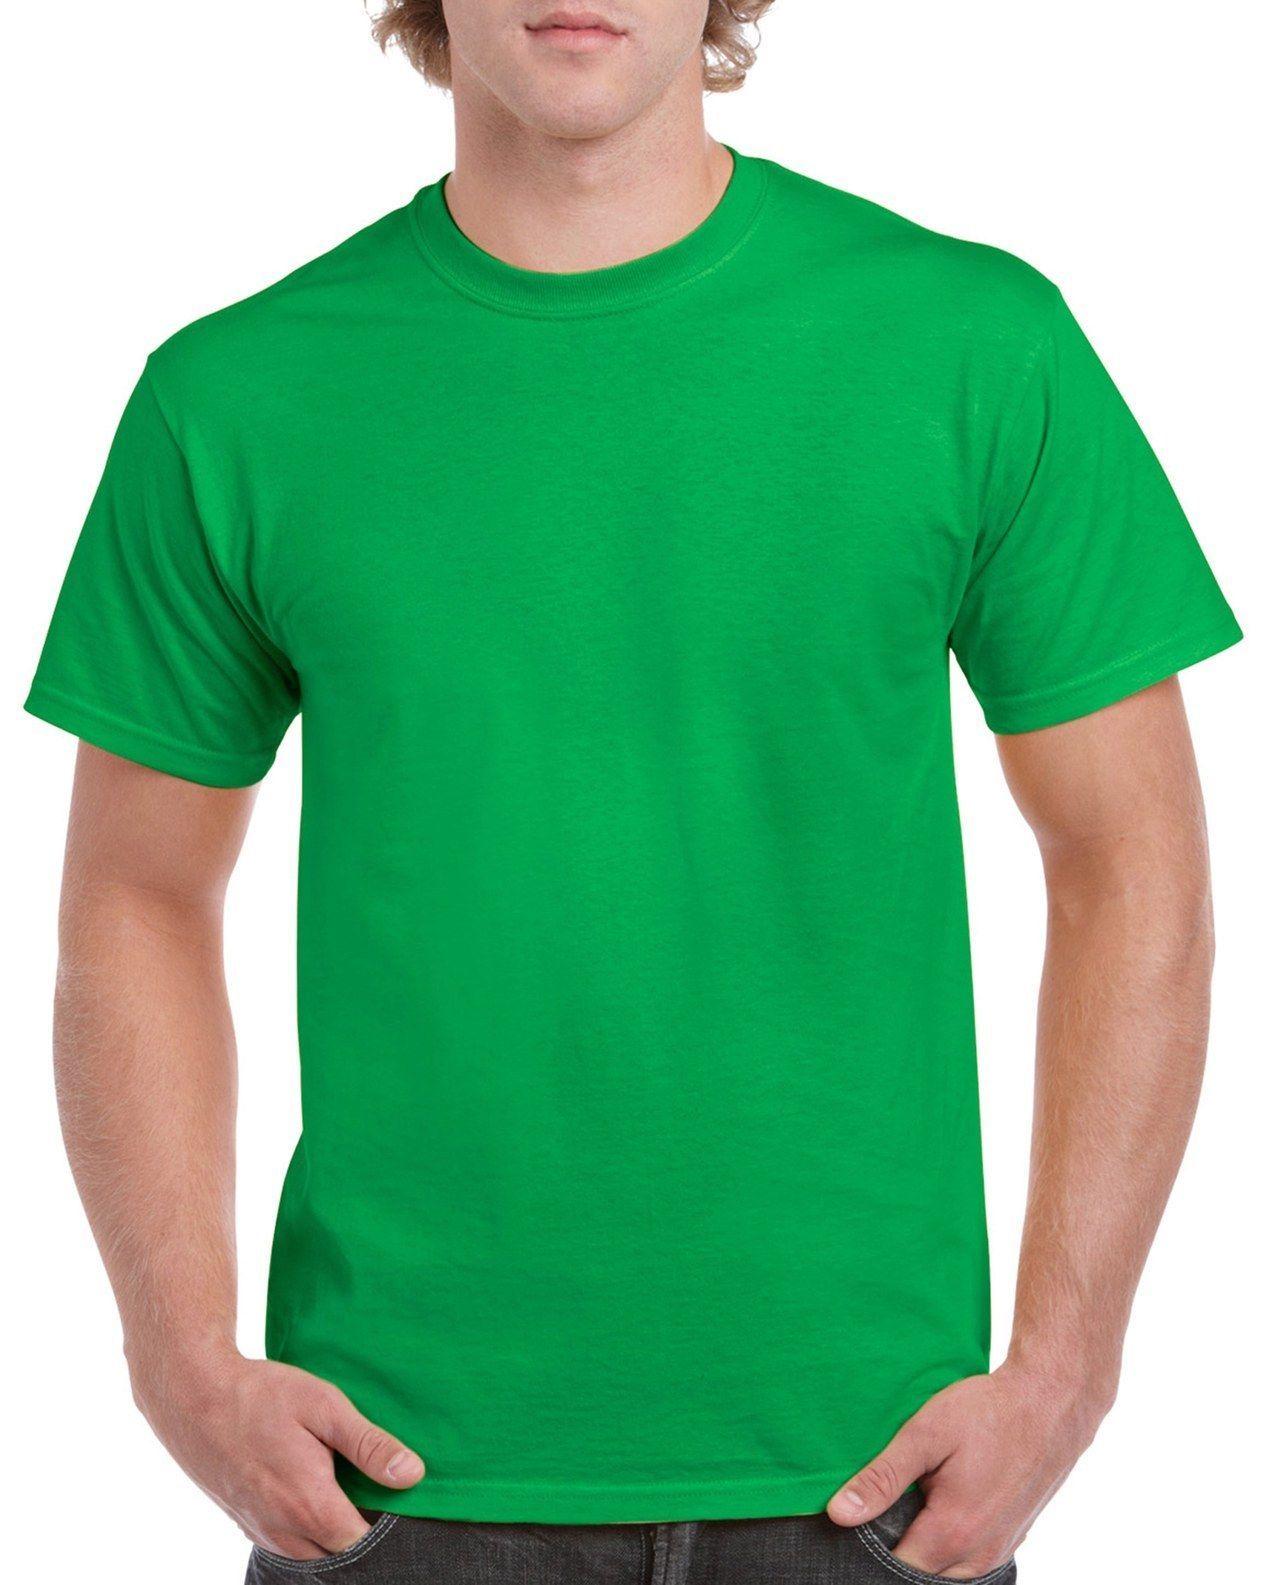 Download Green Gildan 5000l Men S Plain 100 Cotton Blank T Shirt Tee Sizes S 2xl Kaos Desain